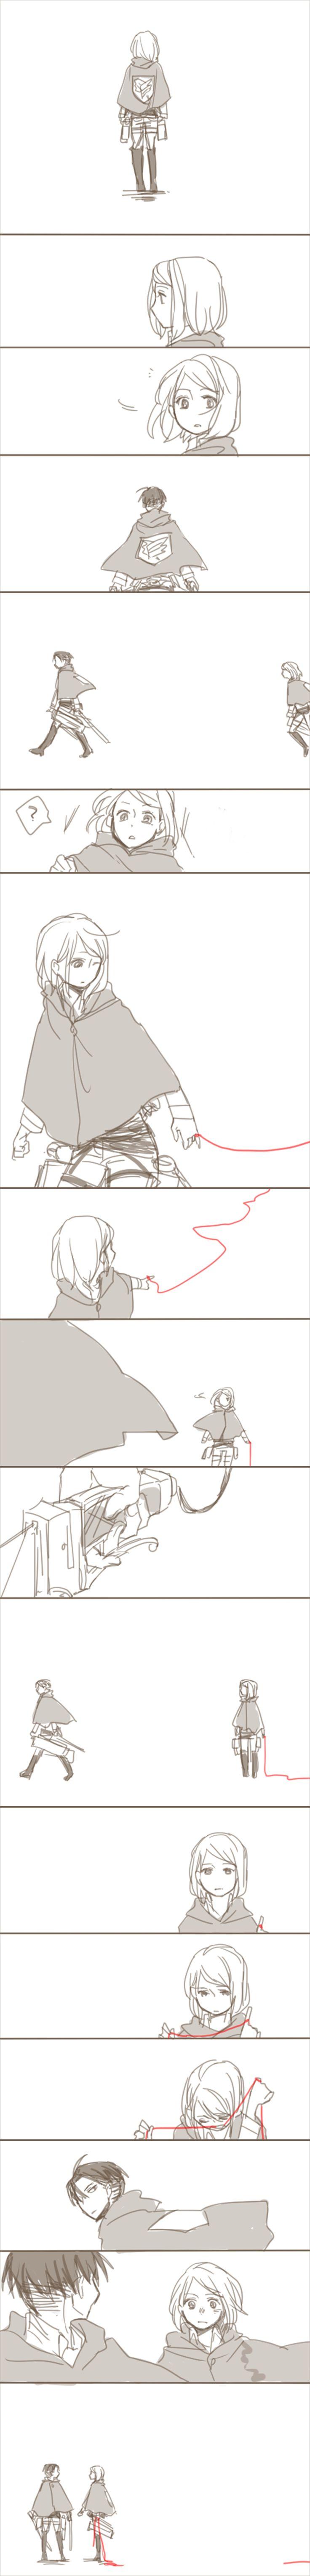 Shingeki no Kyojin - Levi and Petra